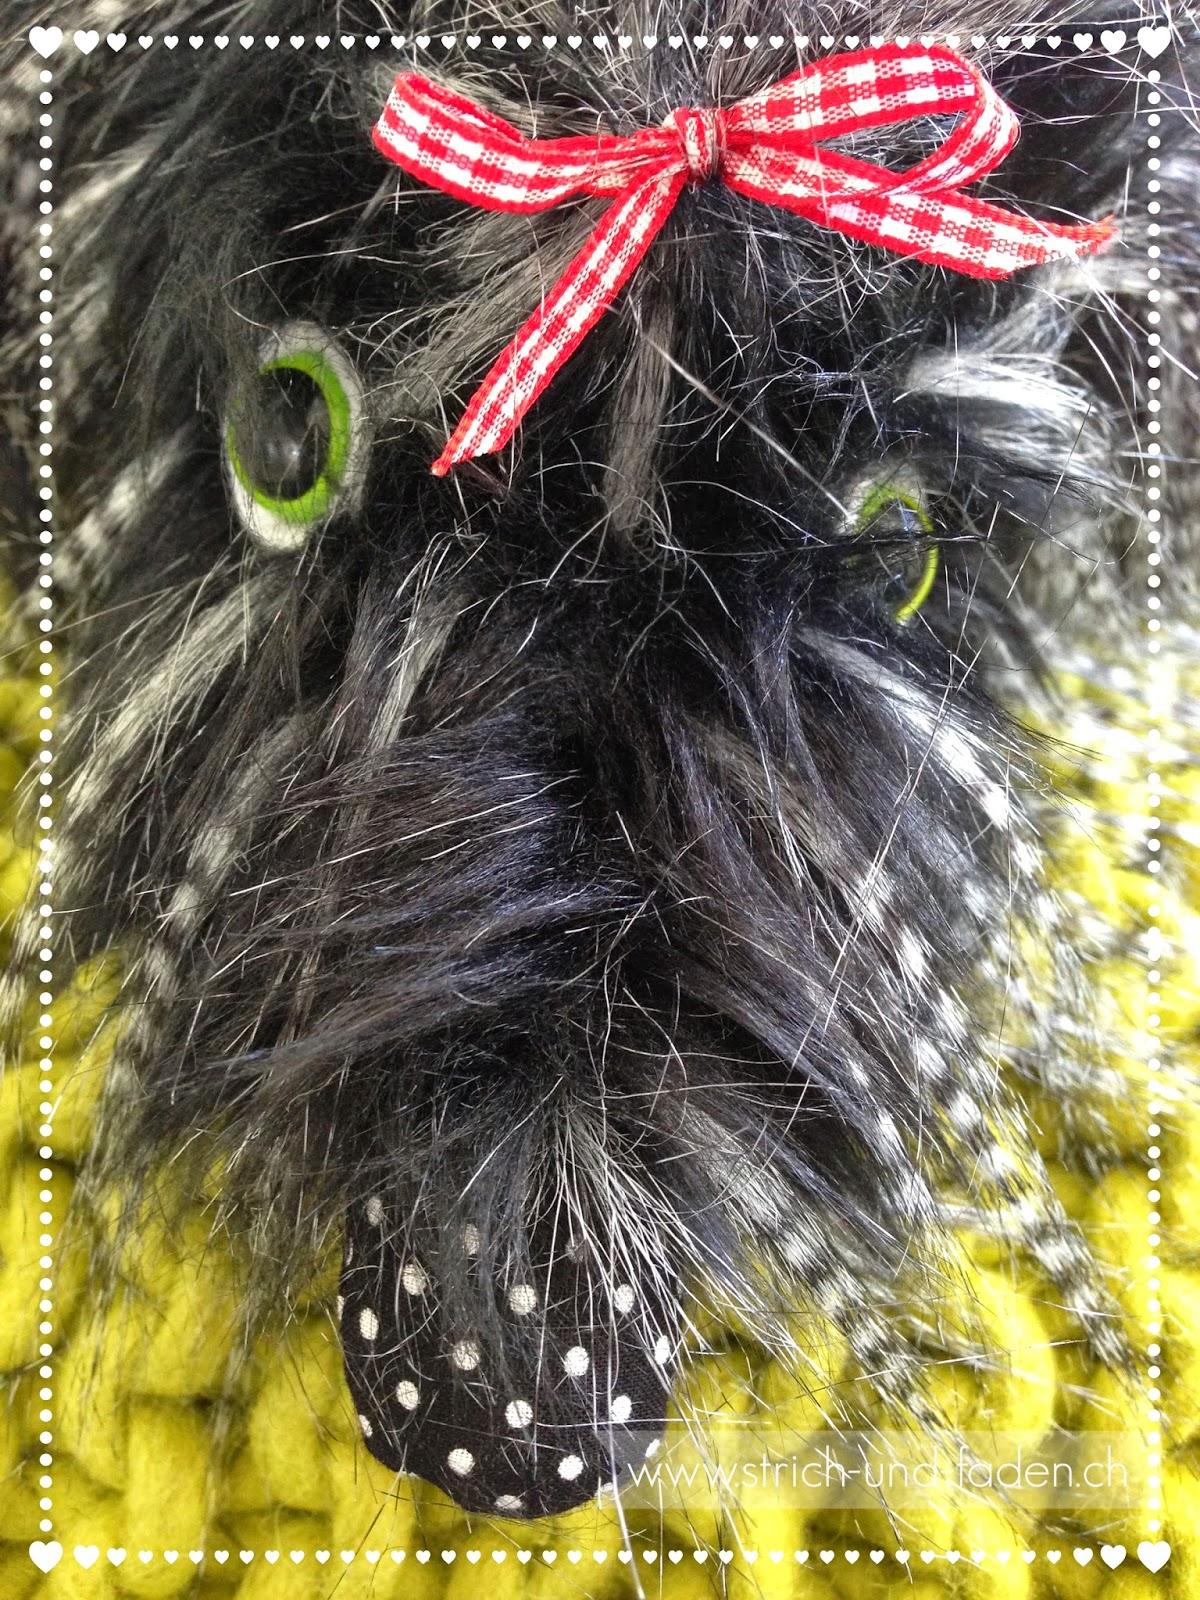 Strich und Faden | Hund Wilma selbstgenäht